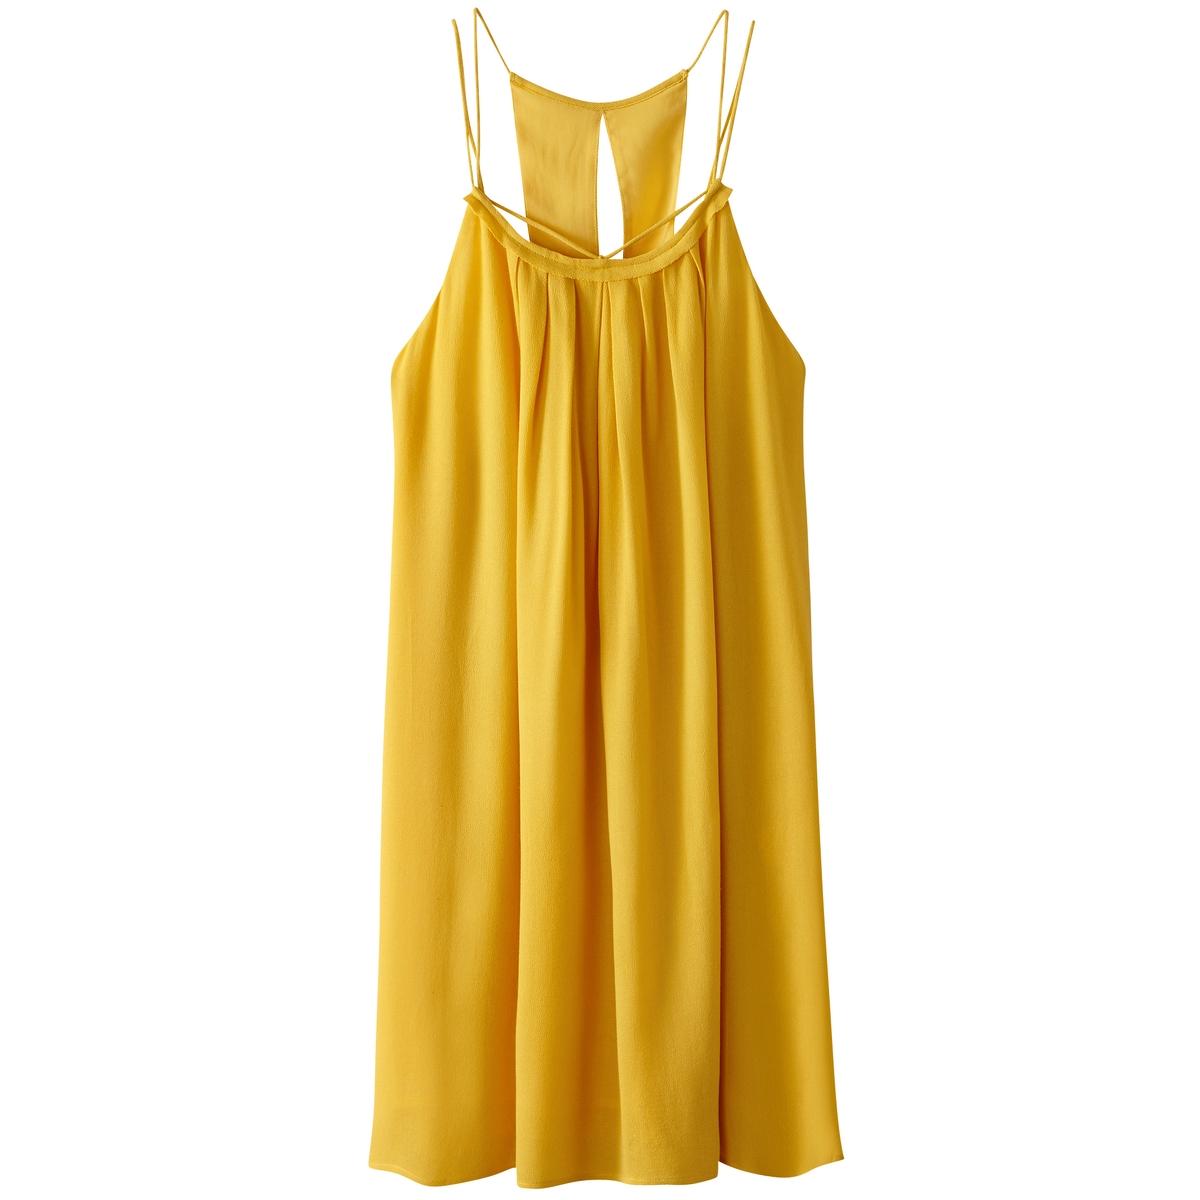 Платье короткое с тонкими бретелямиМатериал : 100% вискоза Подкладка : 100% полиэстер Длина рукава : тонкие бретели  Форма воротника : круглый вырез Покрой платья : короткое Рисунок : однотонная модель   Длина платья : короткое<br><br>Цвет: желтый,темно-синий